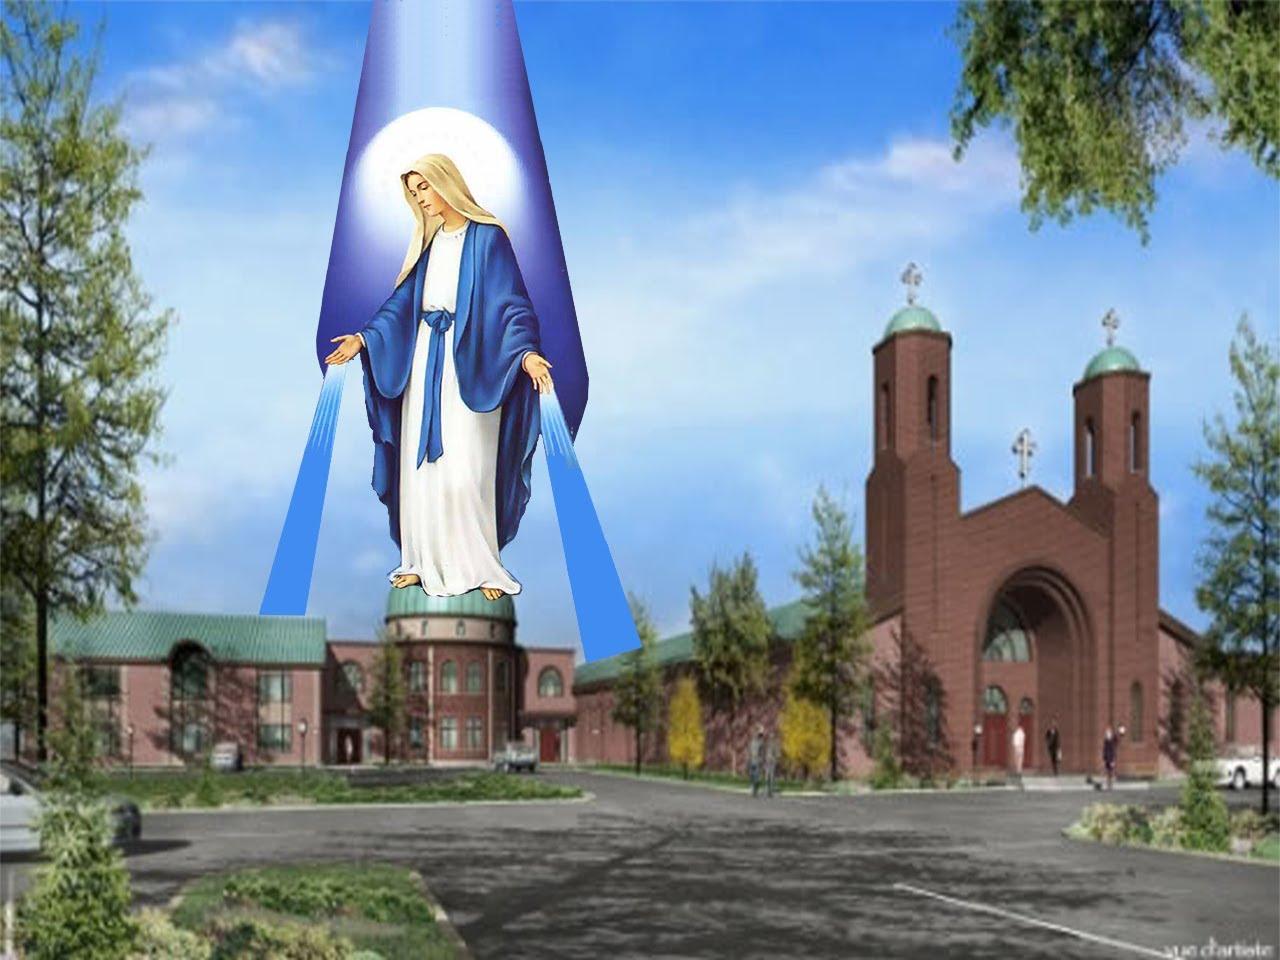 Apariciones de la Virgen María en Warraq, Figuras Luminosas Vistas por Miles, Egipto (Dic)